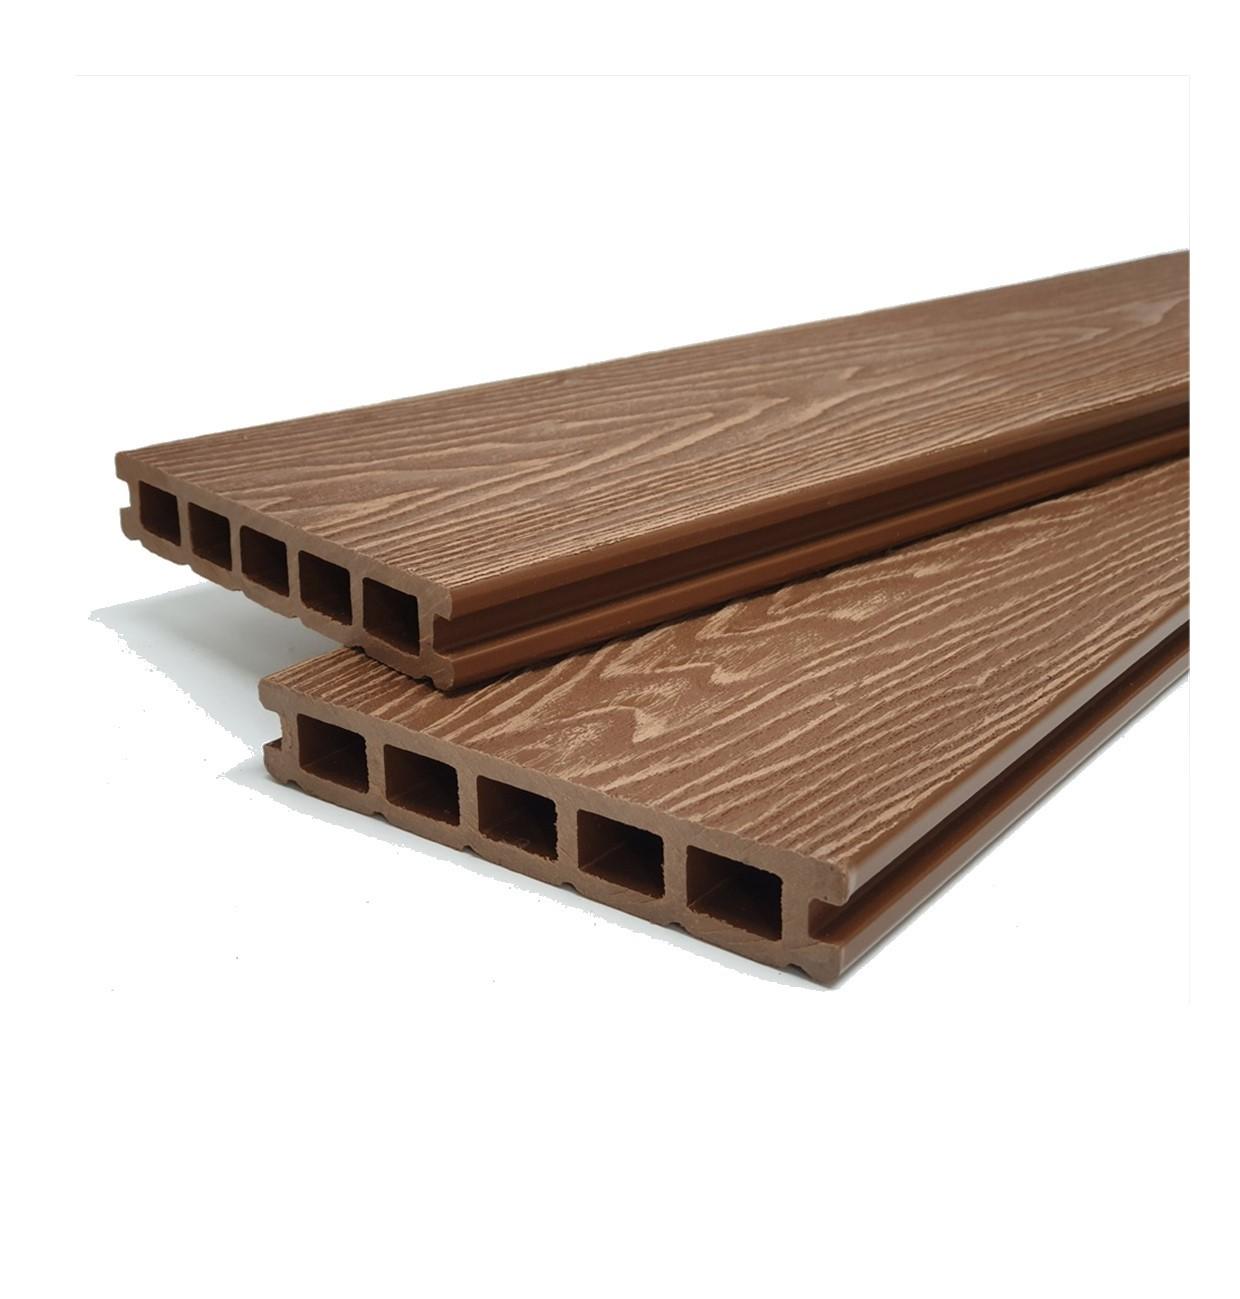 Teak Brown Reversible Woodgrain Composite Decking Kit 3.6m Boards (Price per sqm/£27 per board)